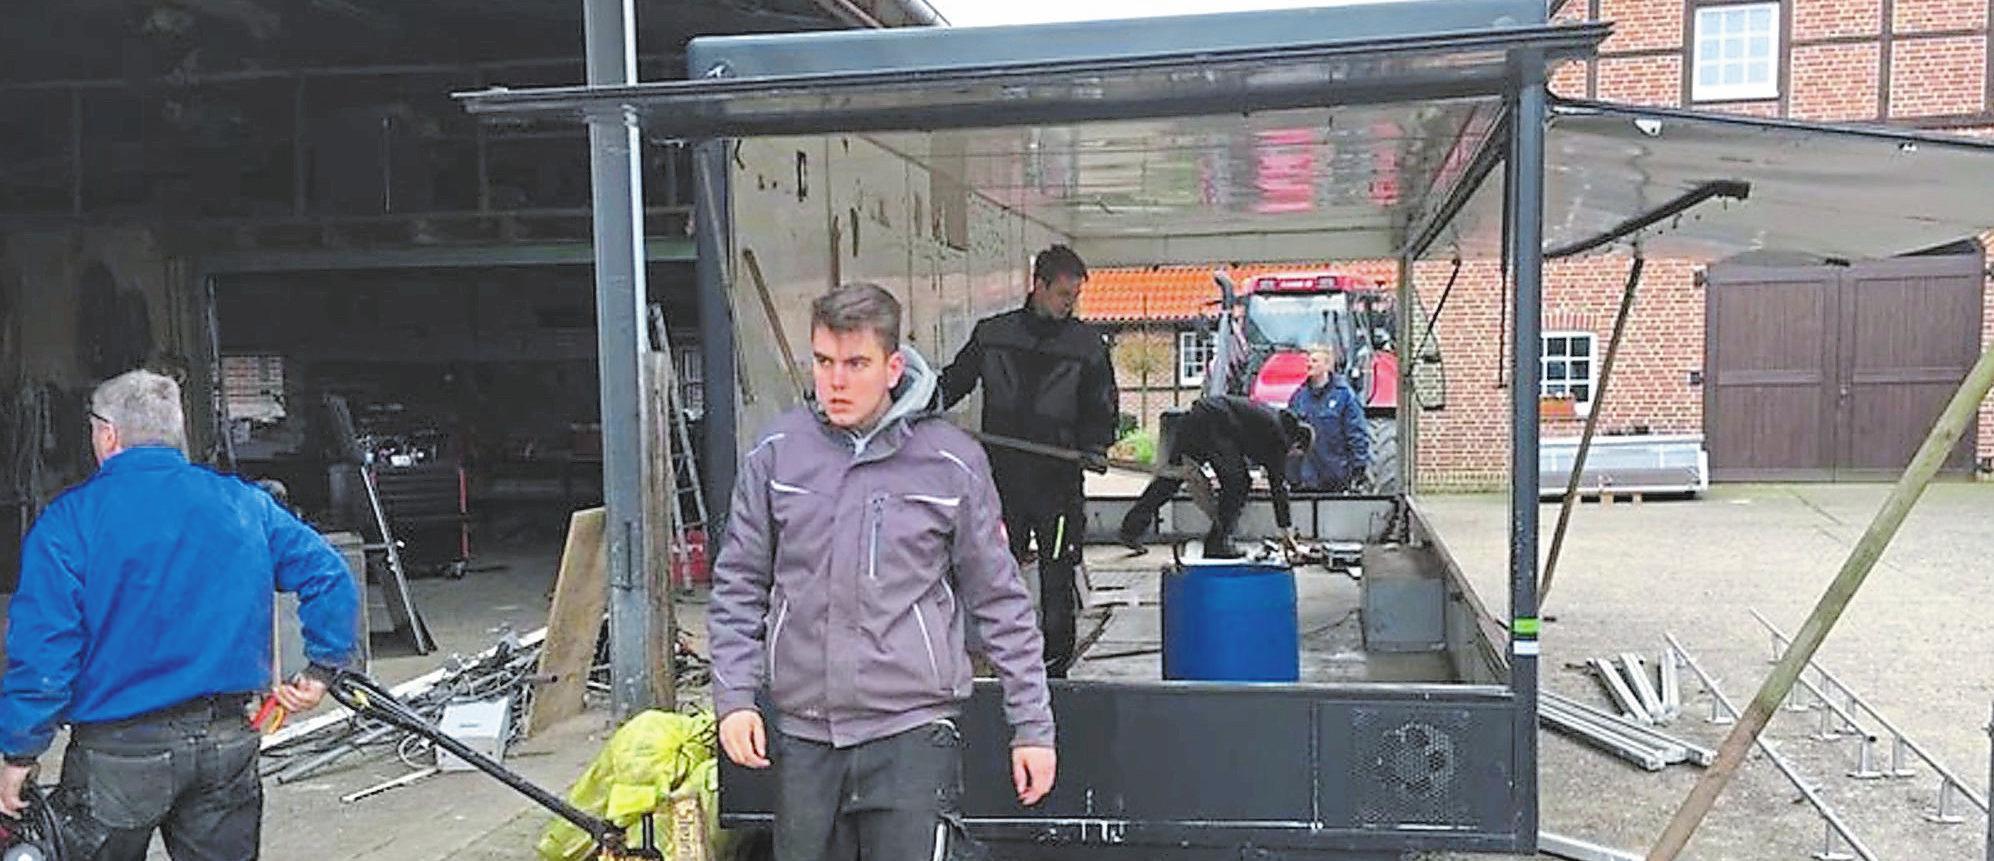 In über 200 Arbeitsstunden haben die Schützen einen alten Marktwagen in einen mobilen Schießstand verwandelt. Diesen wollen sie nicht nur selber nutzen, sondern auch verleihen. Foto: St. Sebastian Schützen